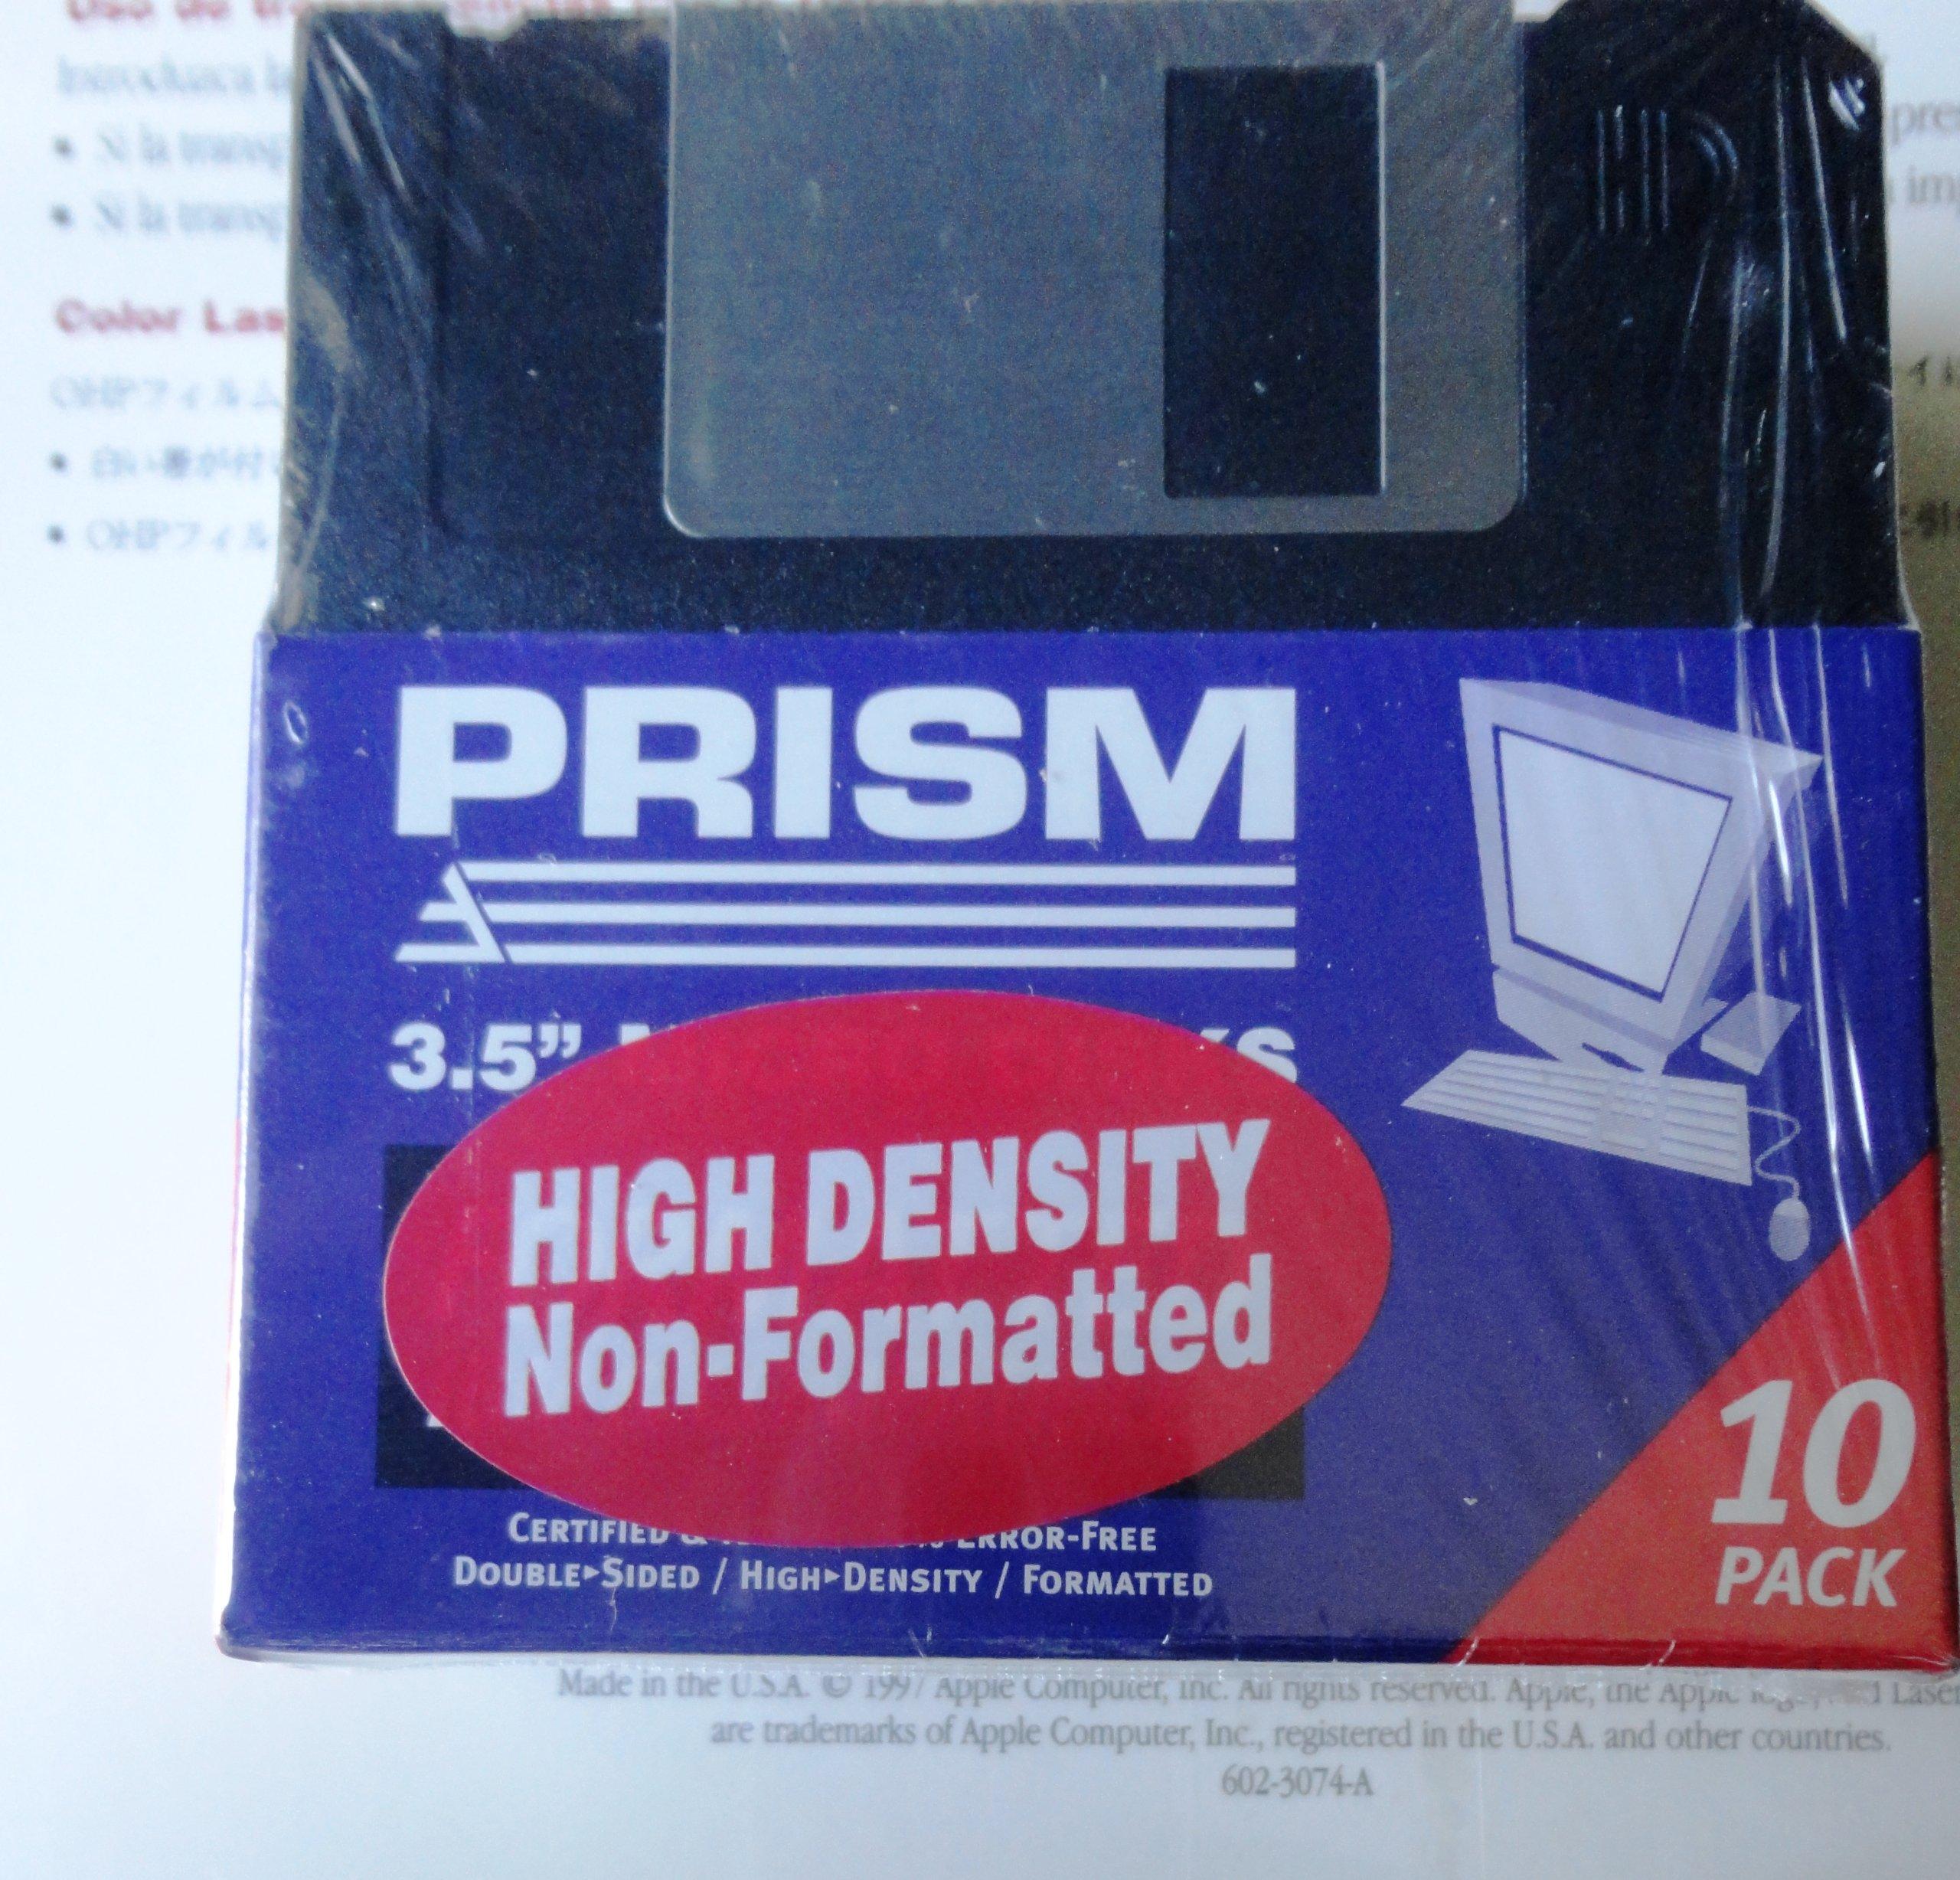 PRISM 3.5'' High Density Computer Floppy Disk